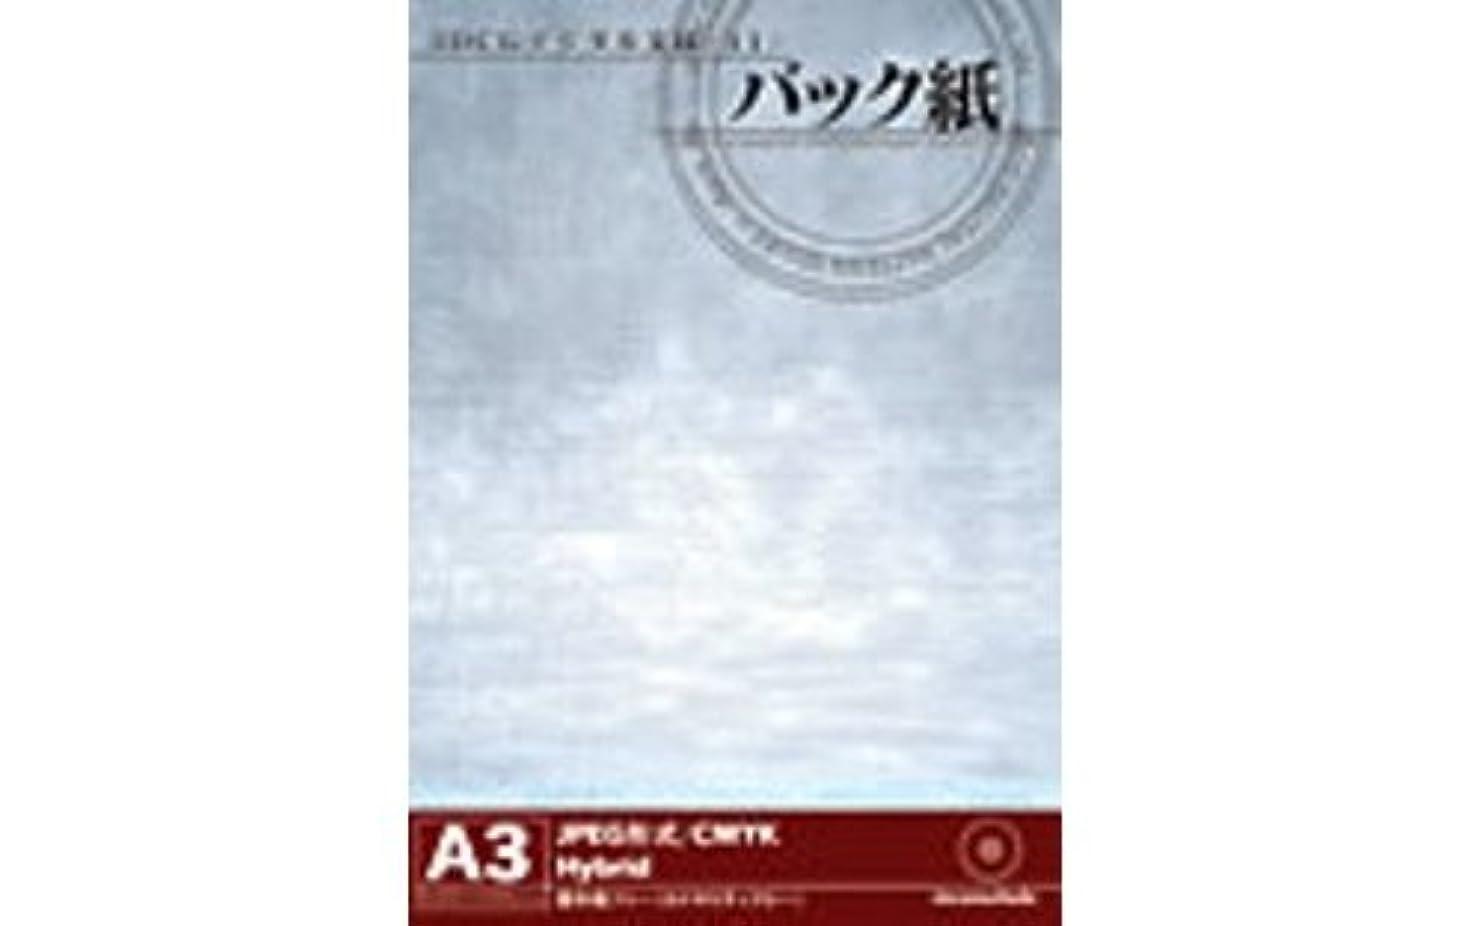 ヘクタールインストラクター属する3DCGデジタル文様 11 「バック紙」